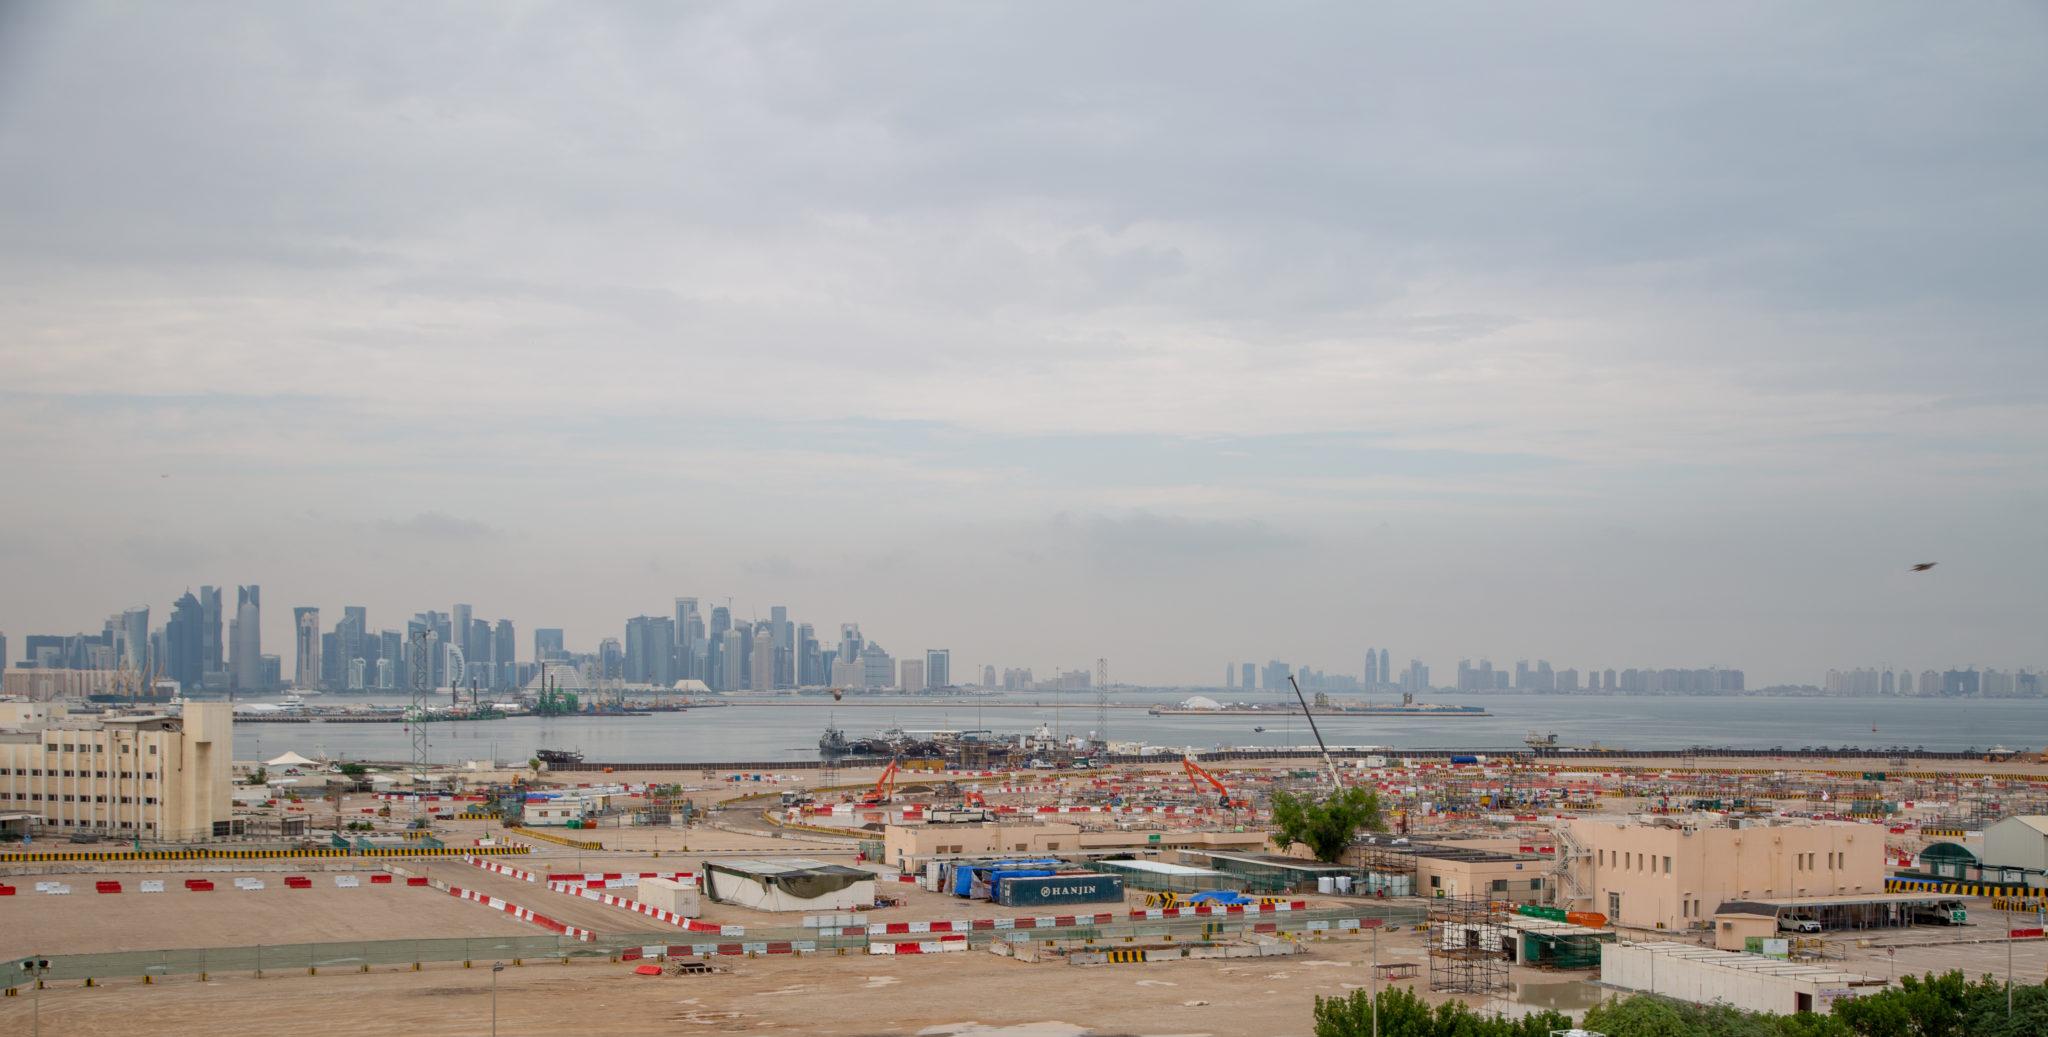 Stadium construction in Qatar.